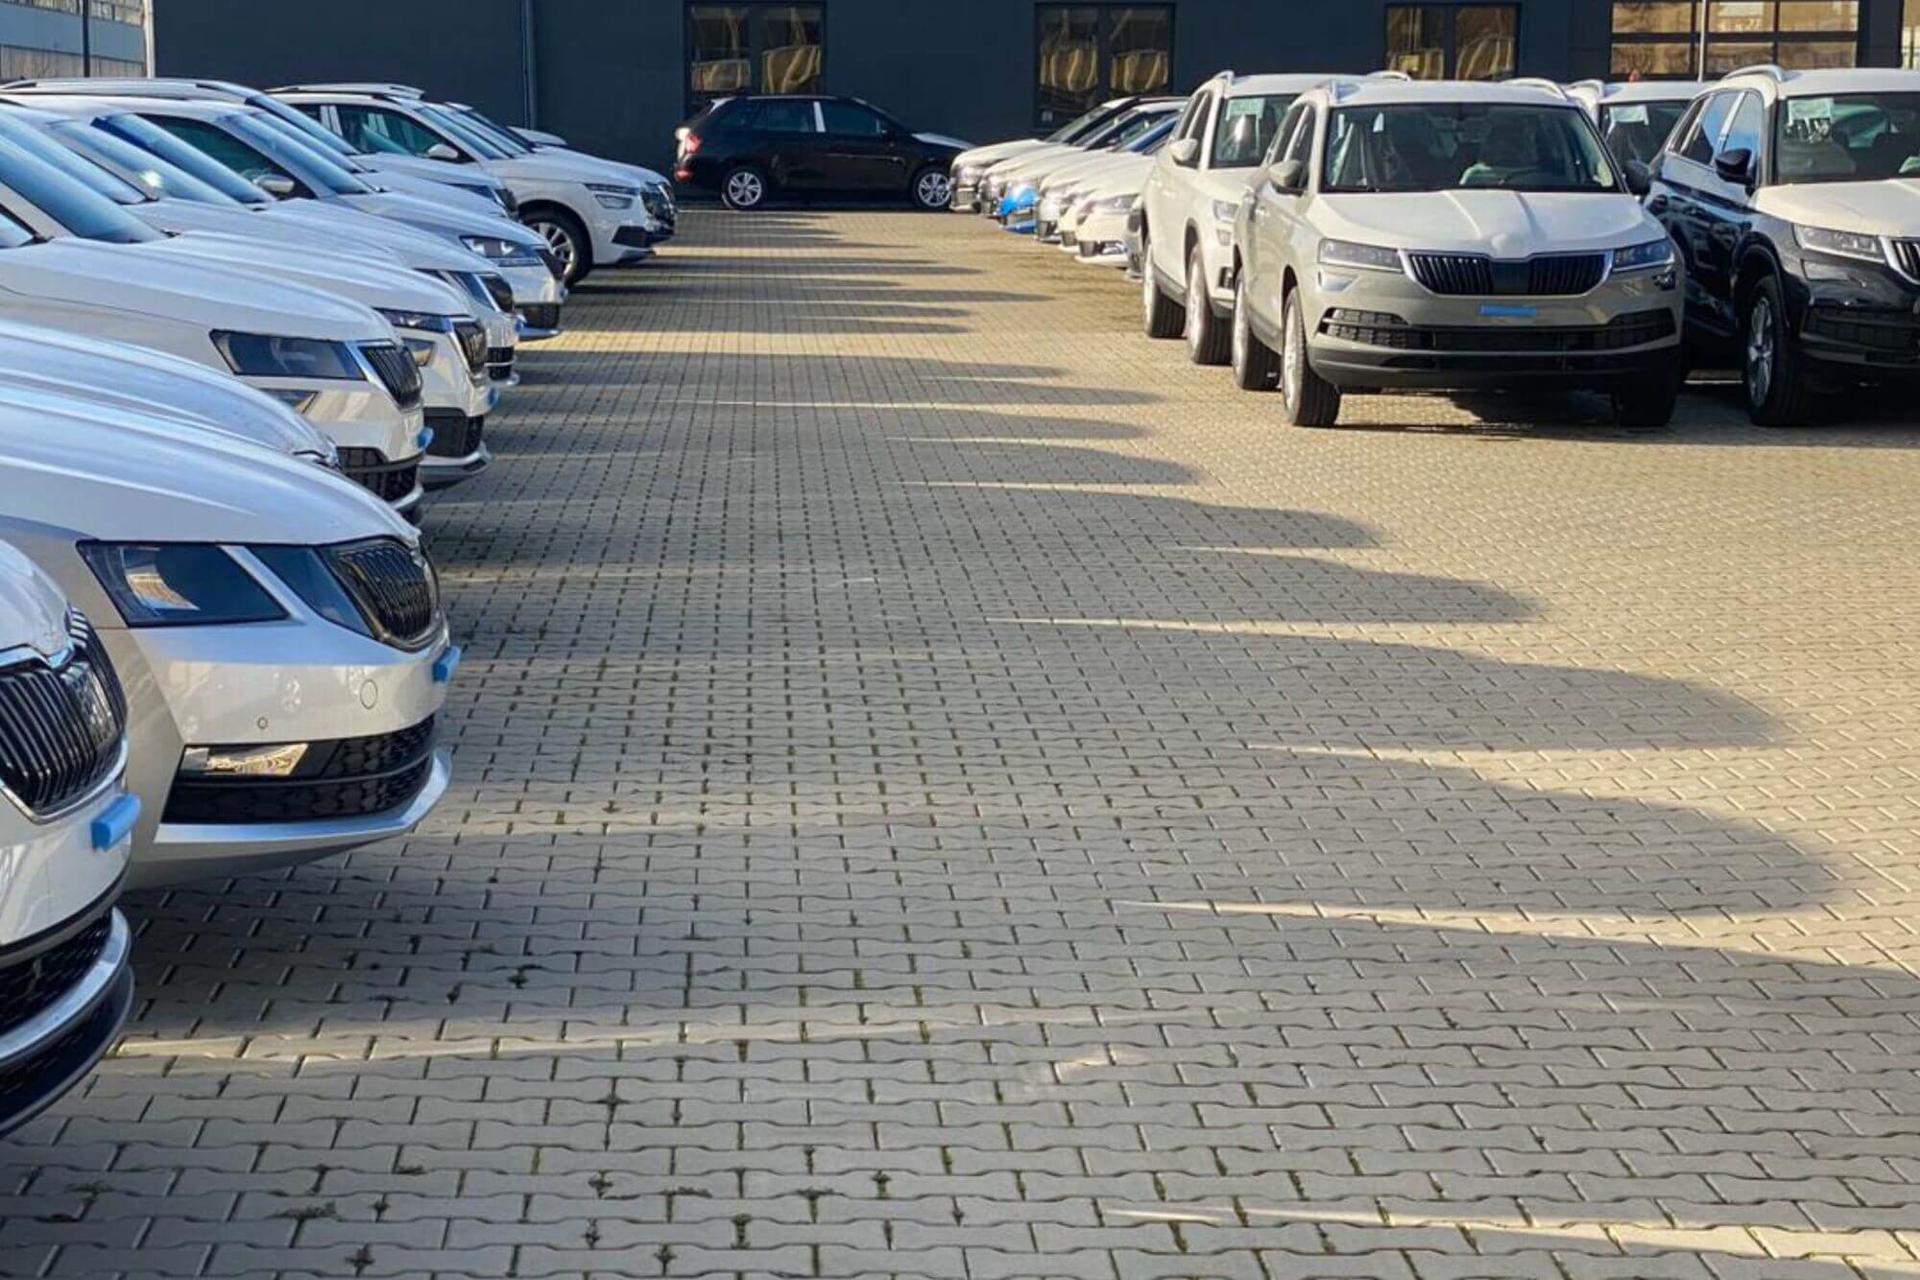 Deineuneuwagen.de Ihr Spezialist für Neufahrzeuge & EU-Neuwagen